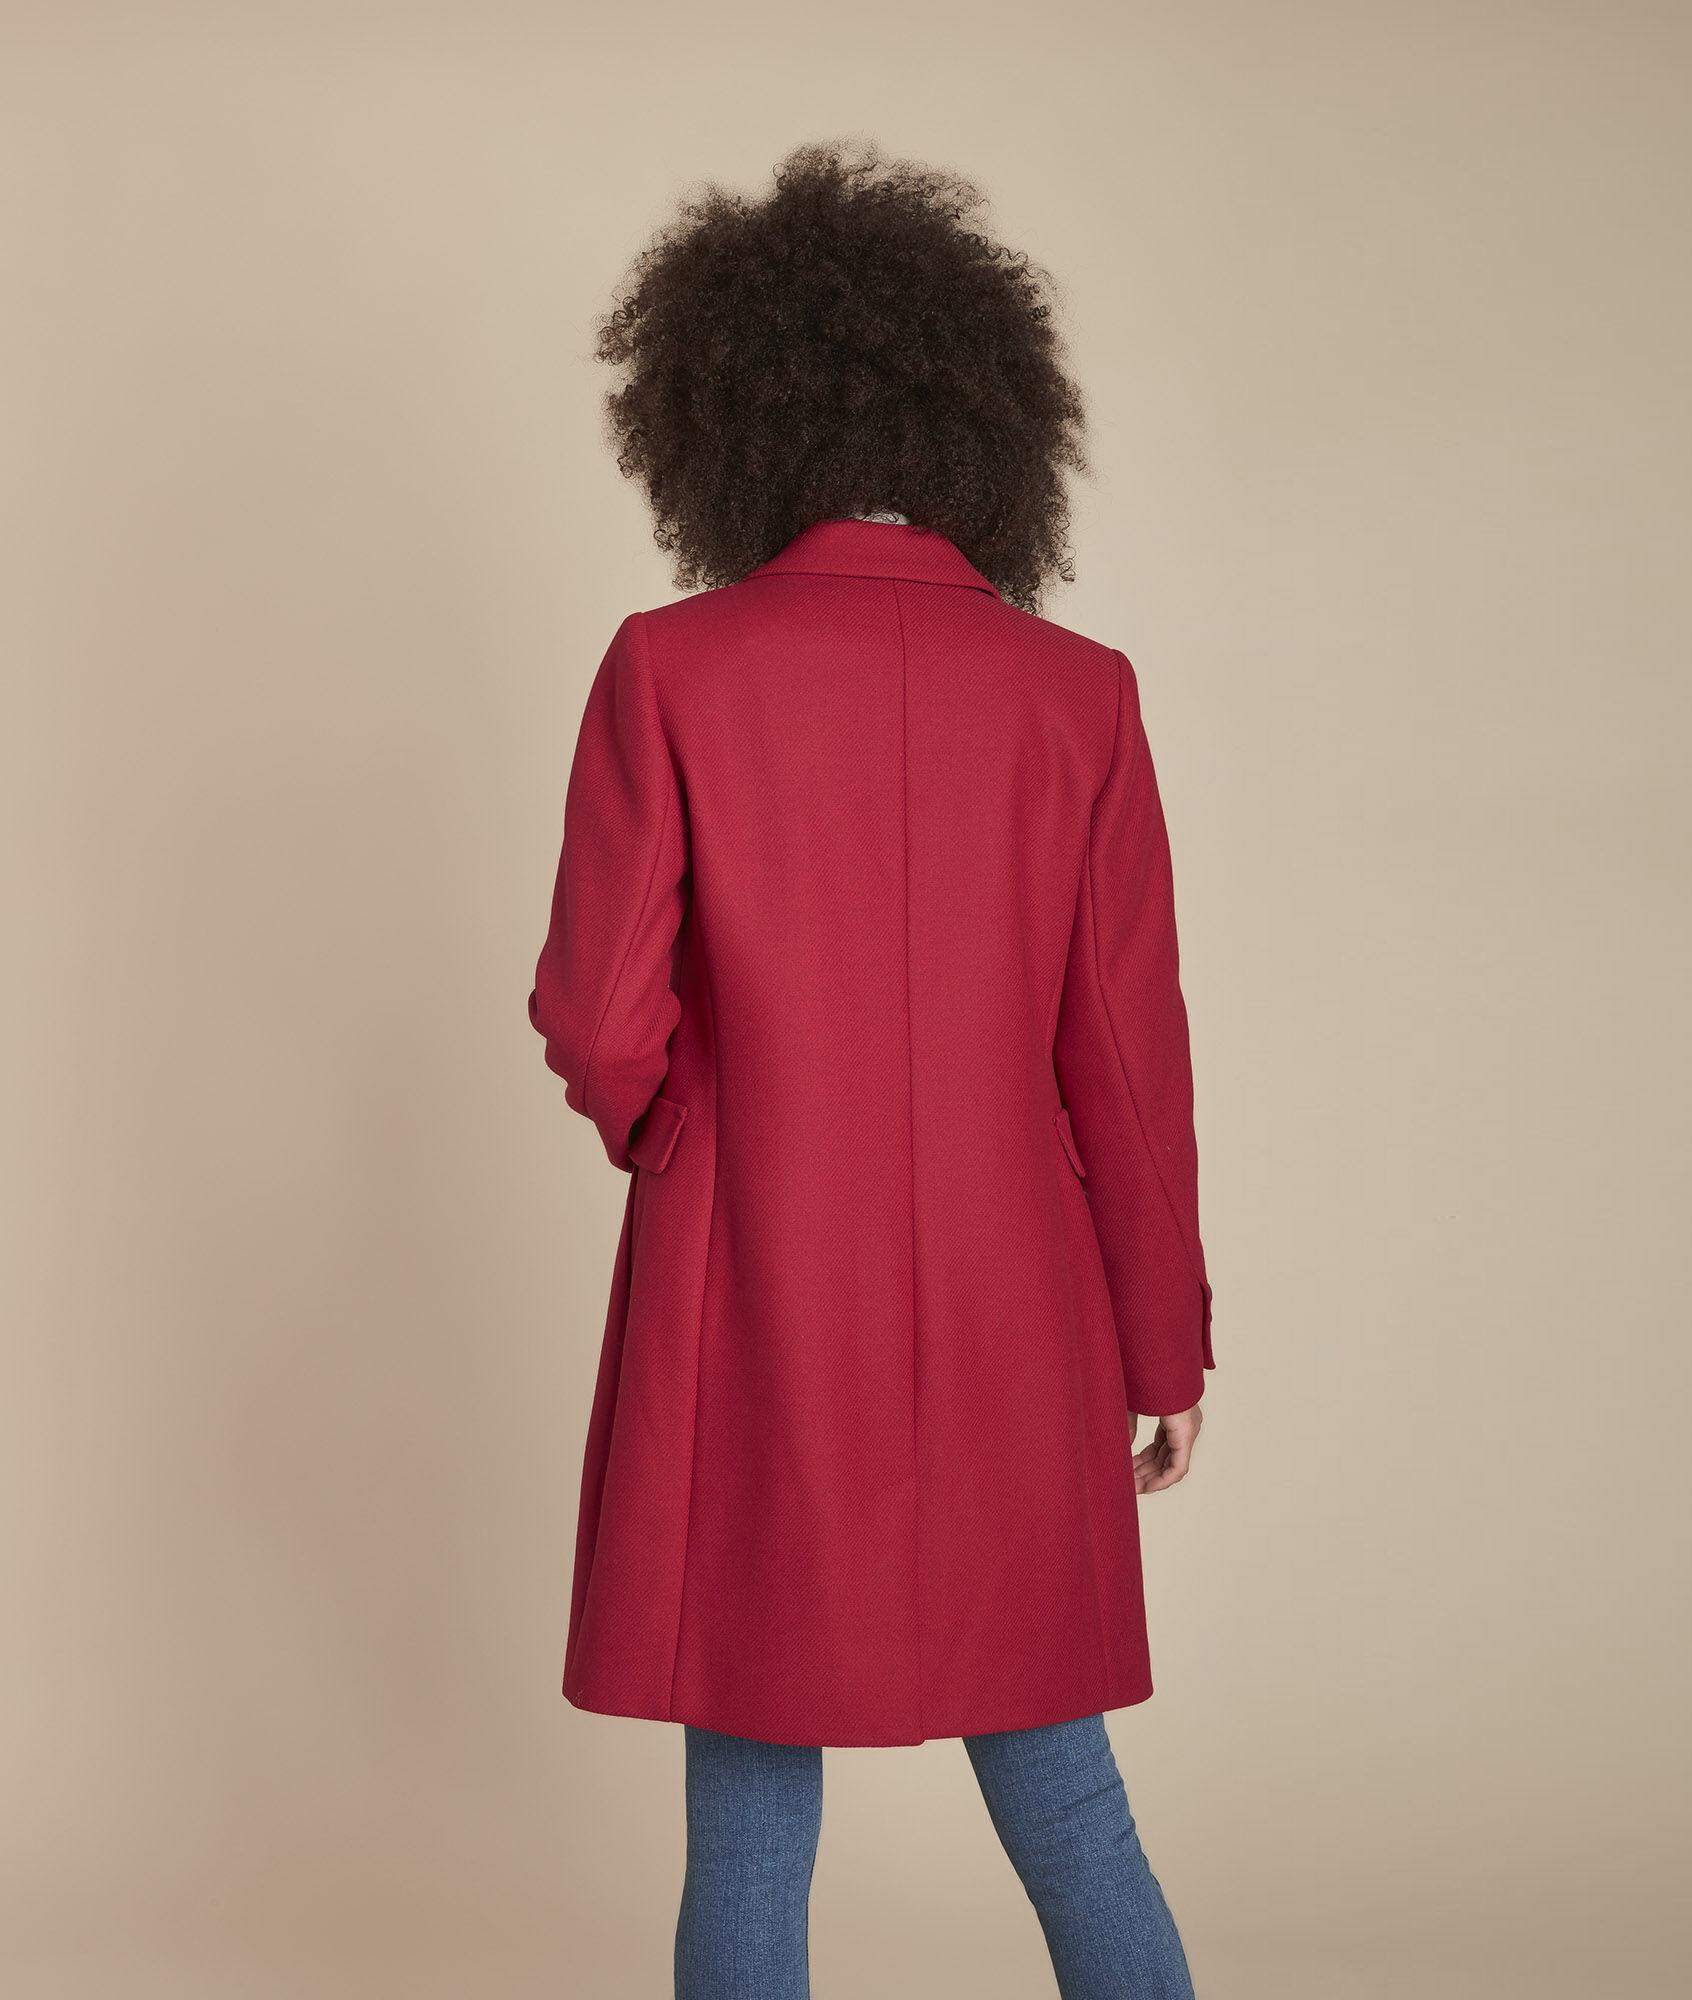 Plume 123 rouge laine FemmeMaison en droit mélangée Manteau D2HIYW9eE